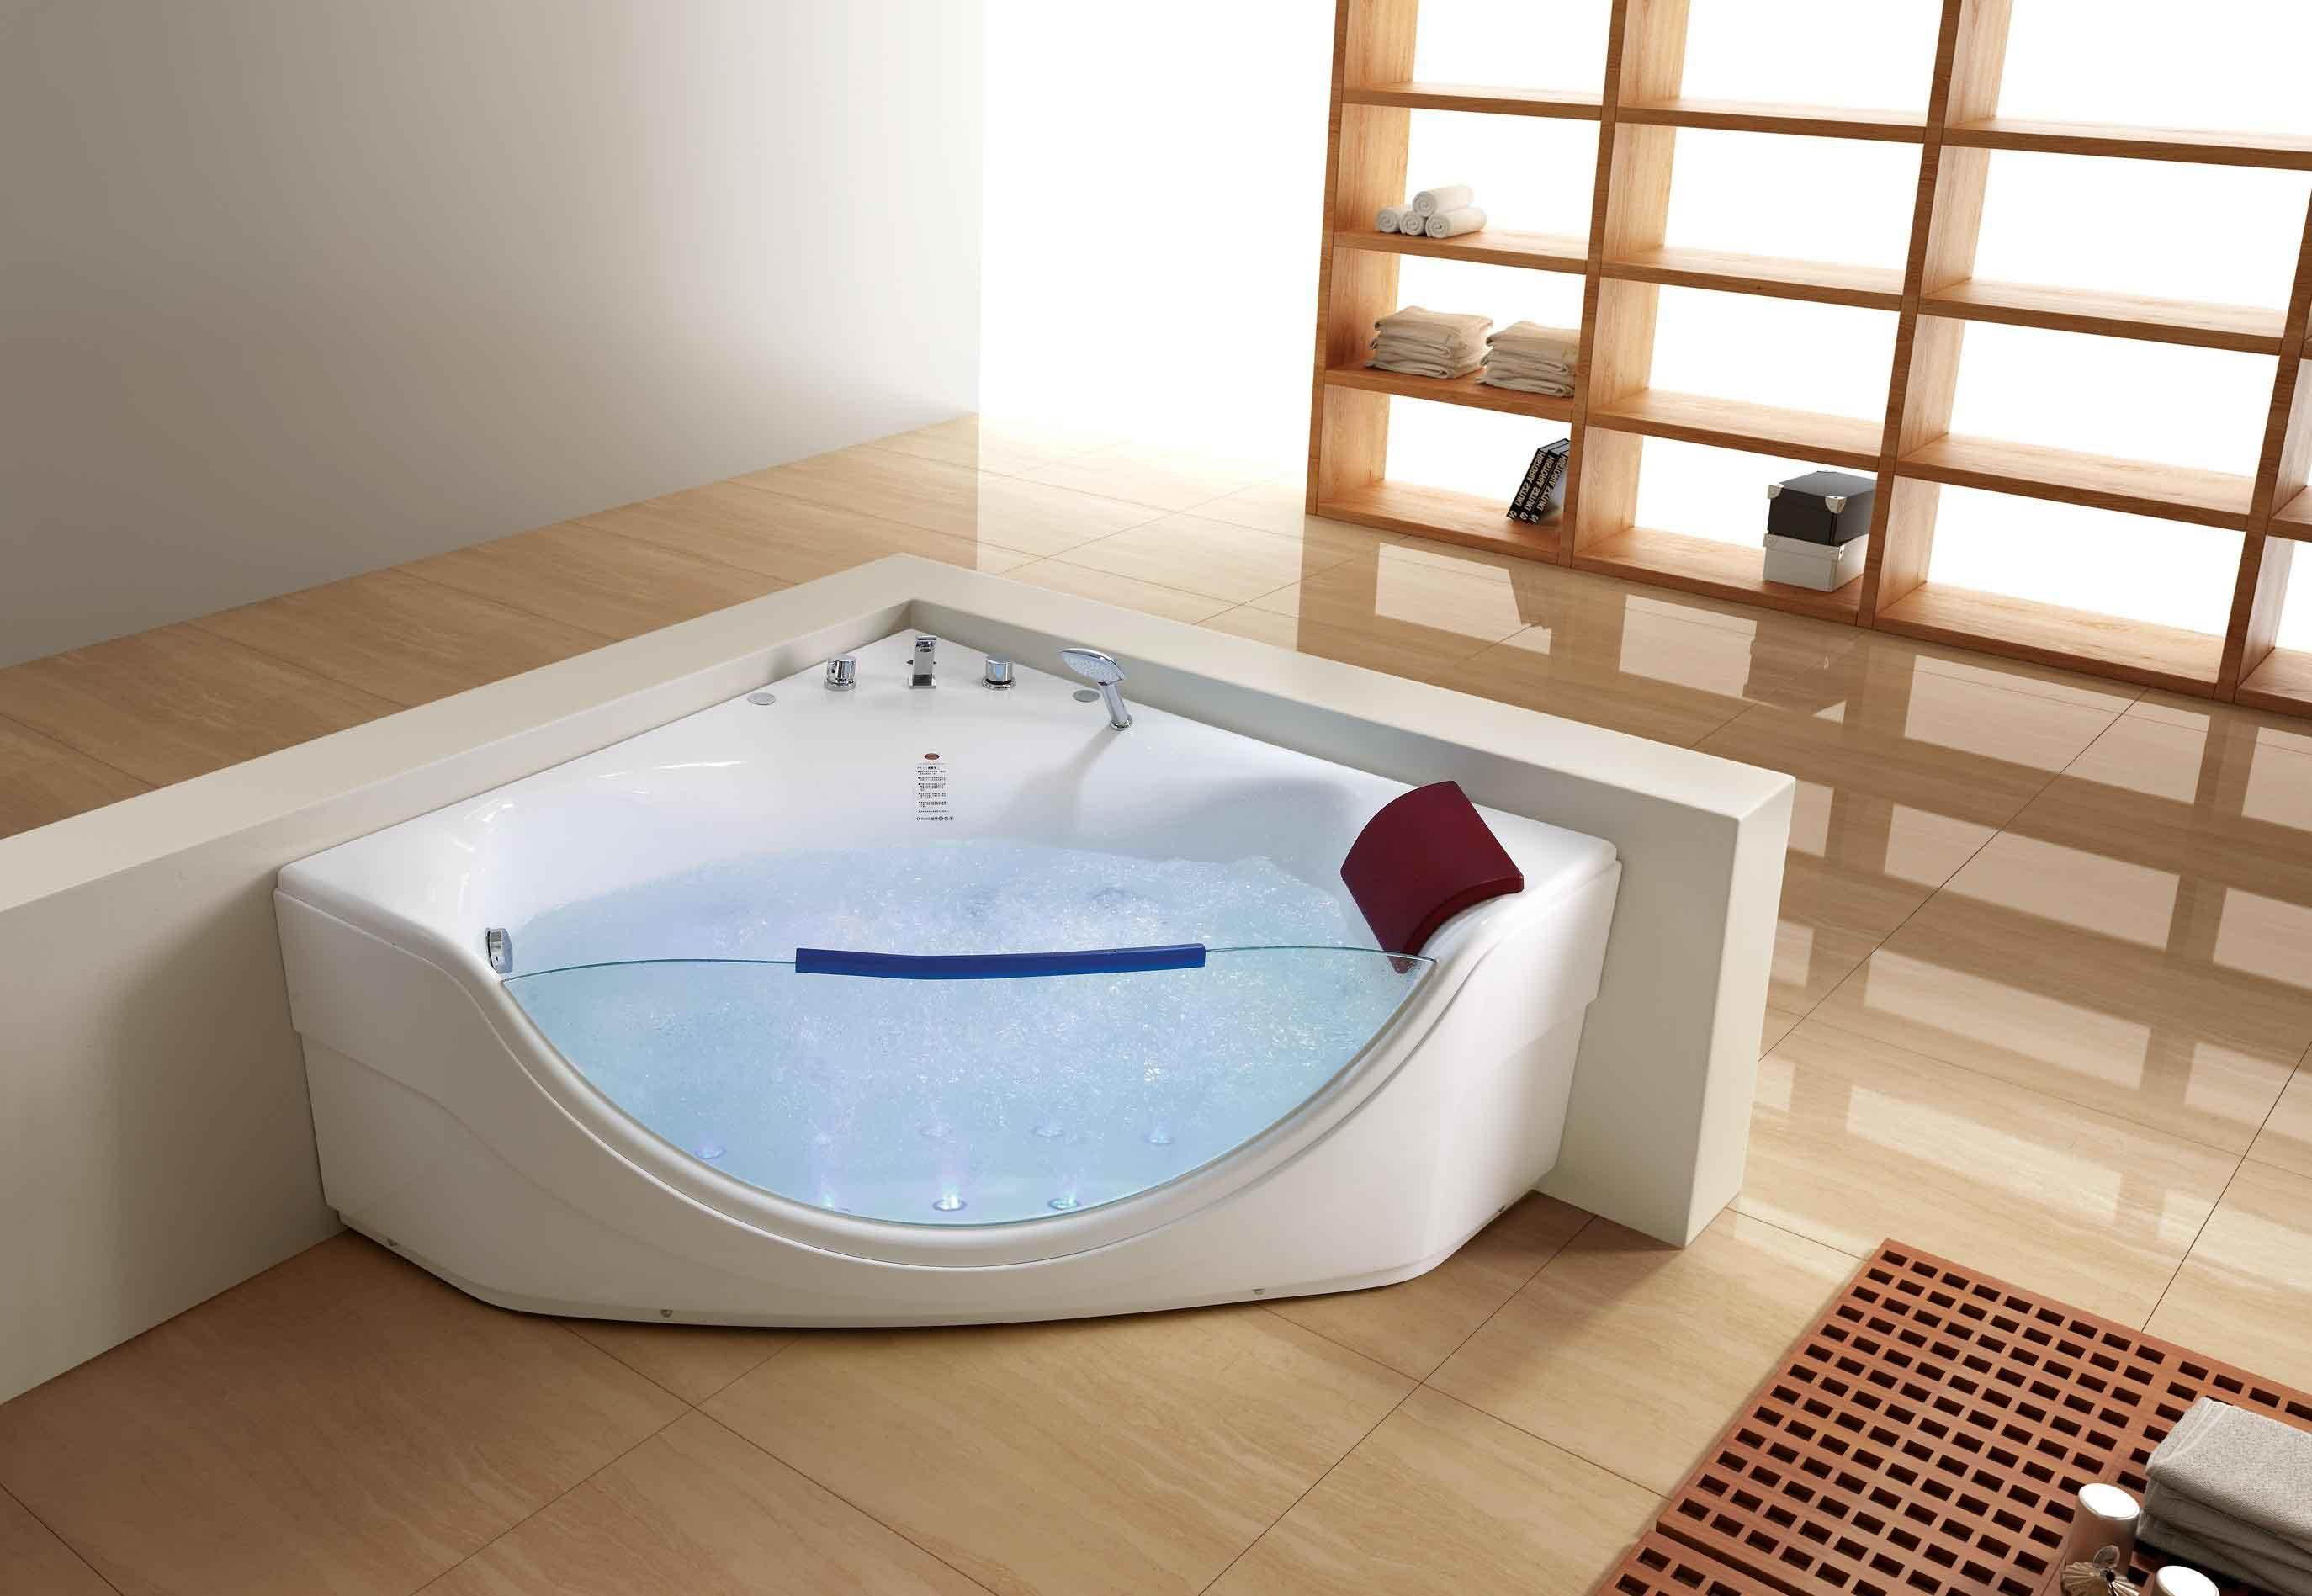 salle de bain jacuzzi moderne. Black Bedroom Furniture Sets. Home Design Ideas